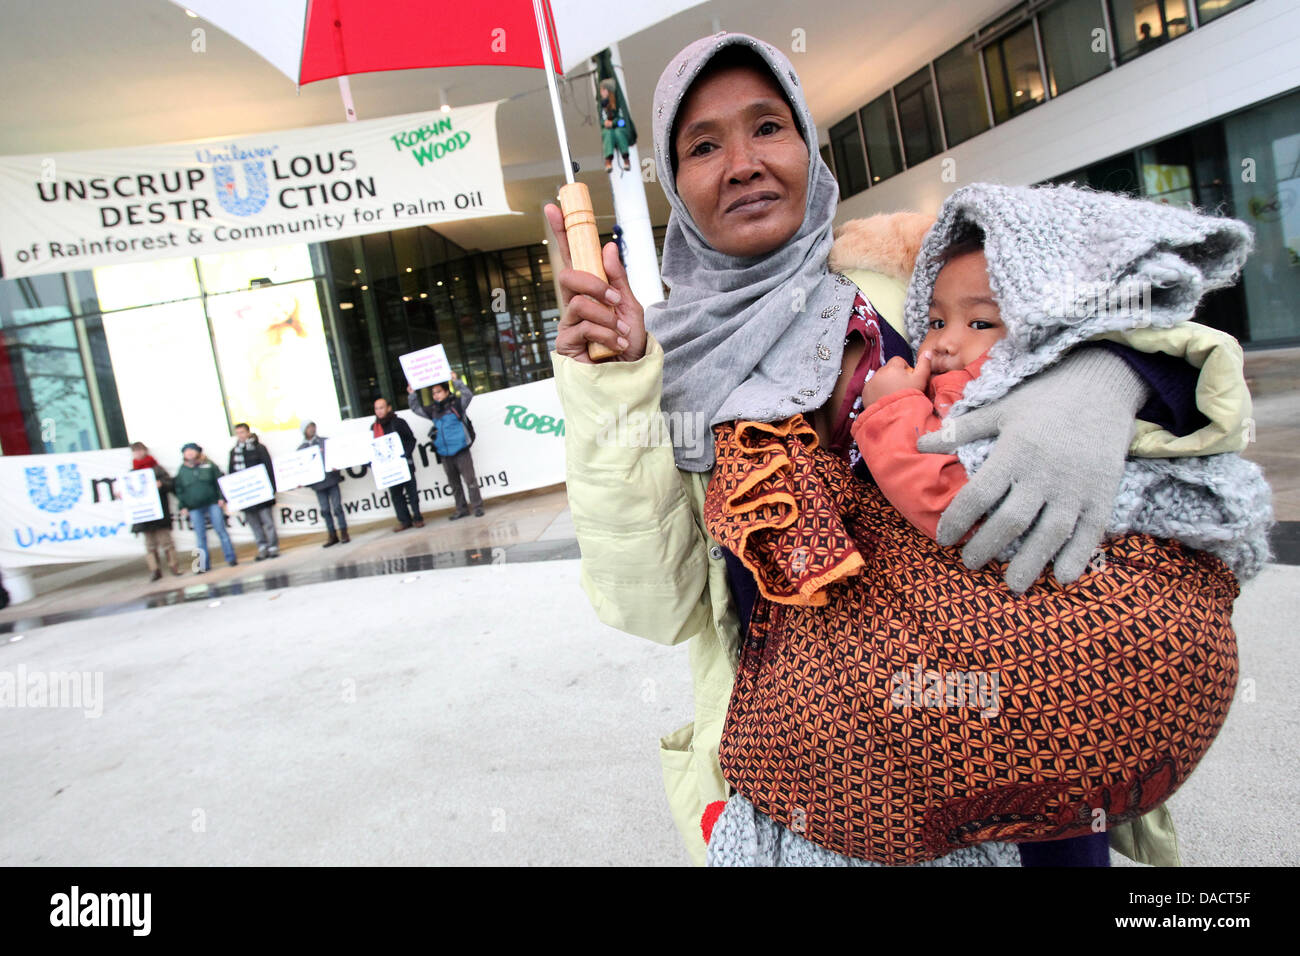 Indonesischer Aktivist Ida und ihr einjähriger Sohn Agung Protest zusammen mit Aktivisten aus der Umweltschutzorganisation Robin Wood vor dem Unilever-Gebäude in der Hafencity in Hamburg, Deutschland, 14. Dezember 2011. Umweltschutz-Aktivisten wollen aufmerksam machen auf die Zerstörung der indonesischen Regenwälder für die Produktion von Palmöl mit dem c Stockfoto